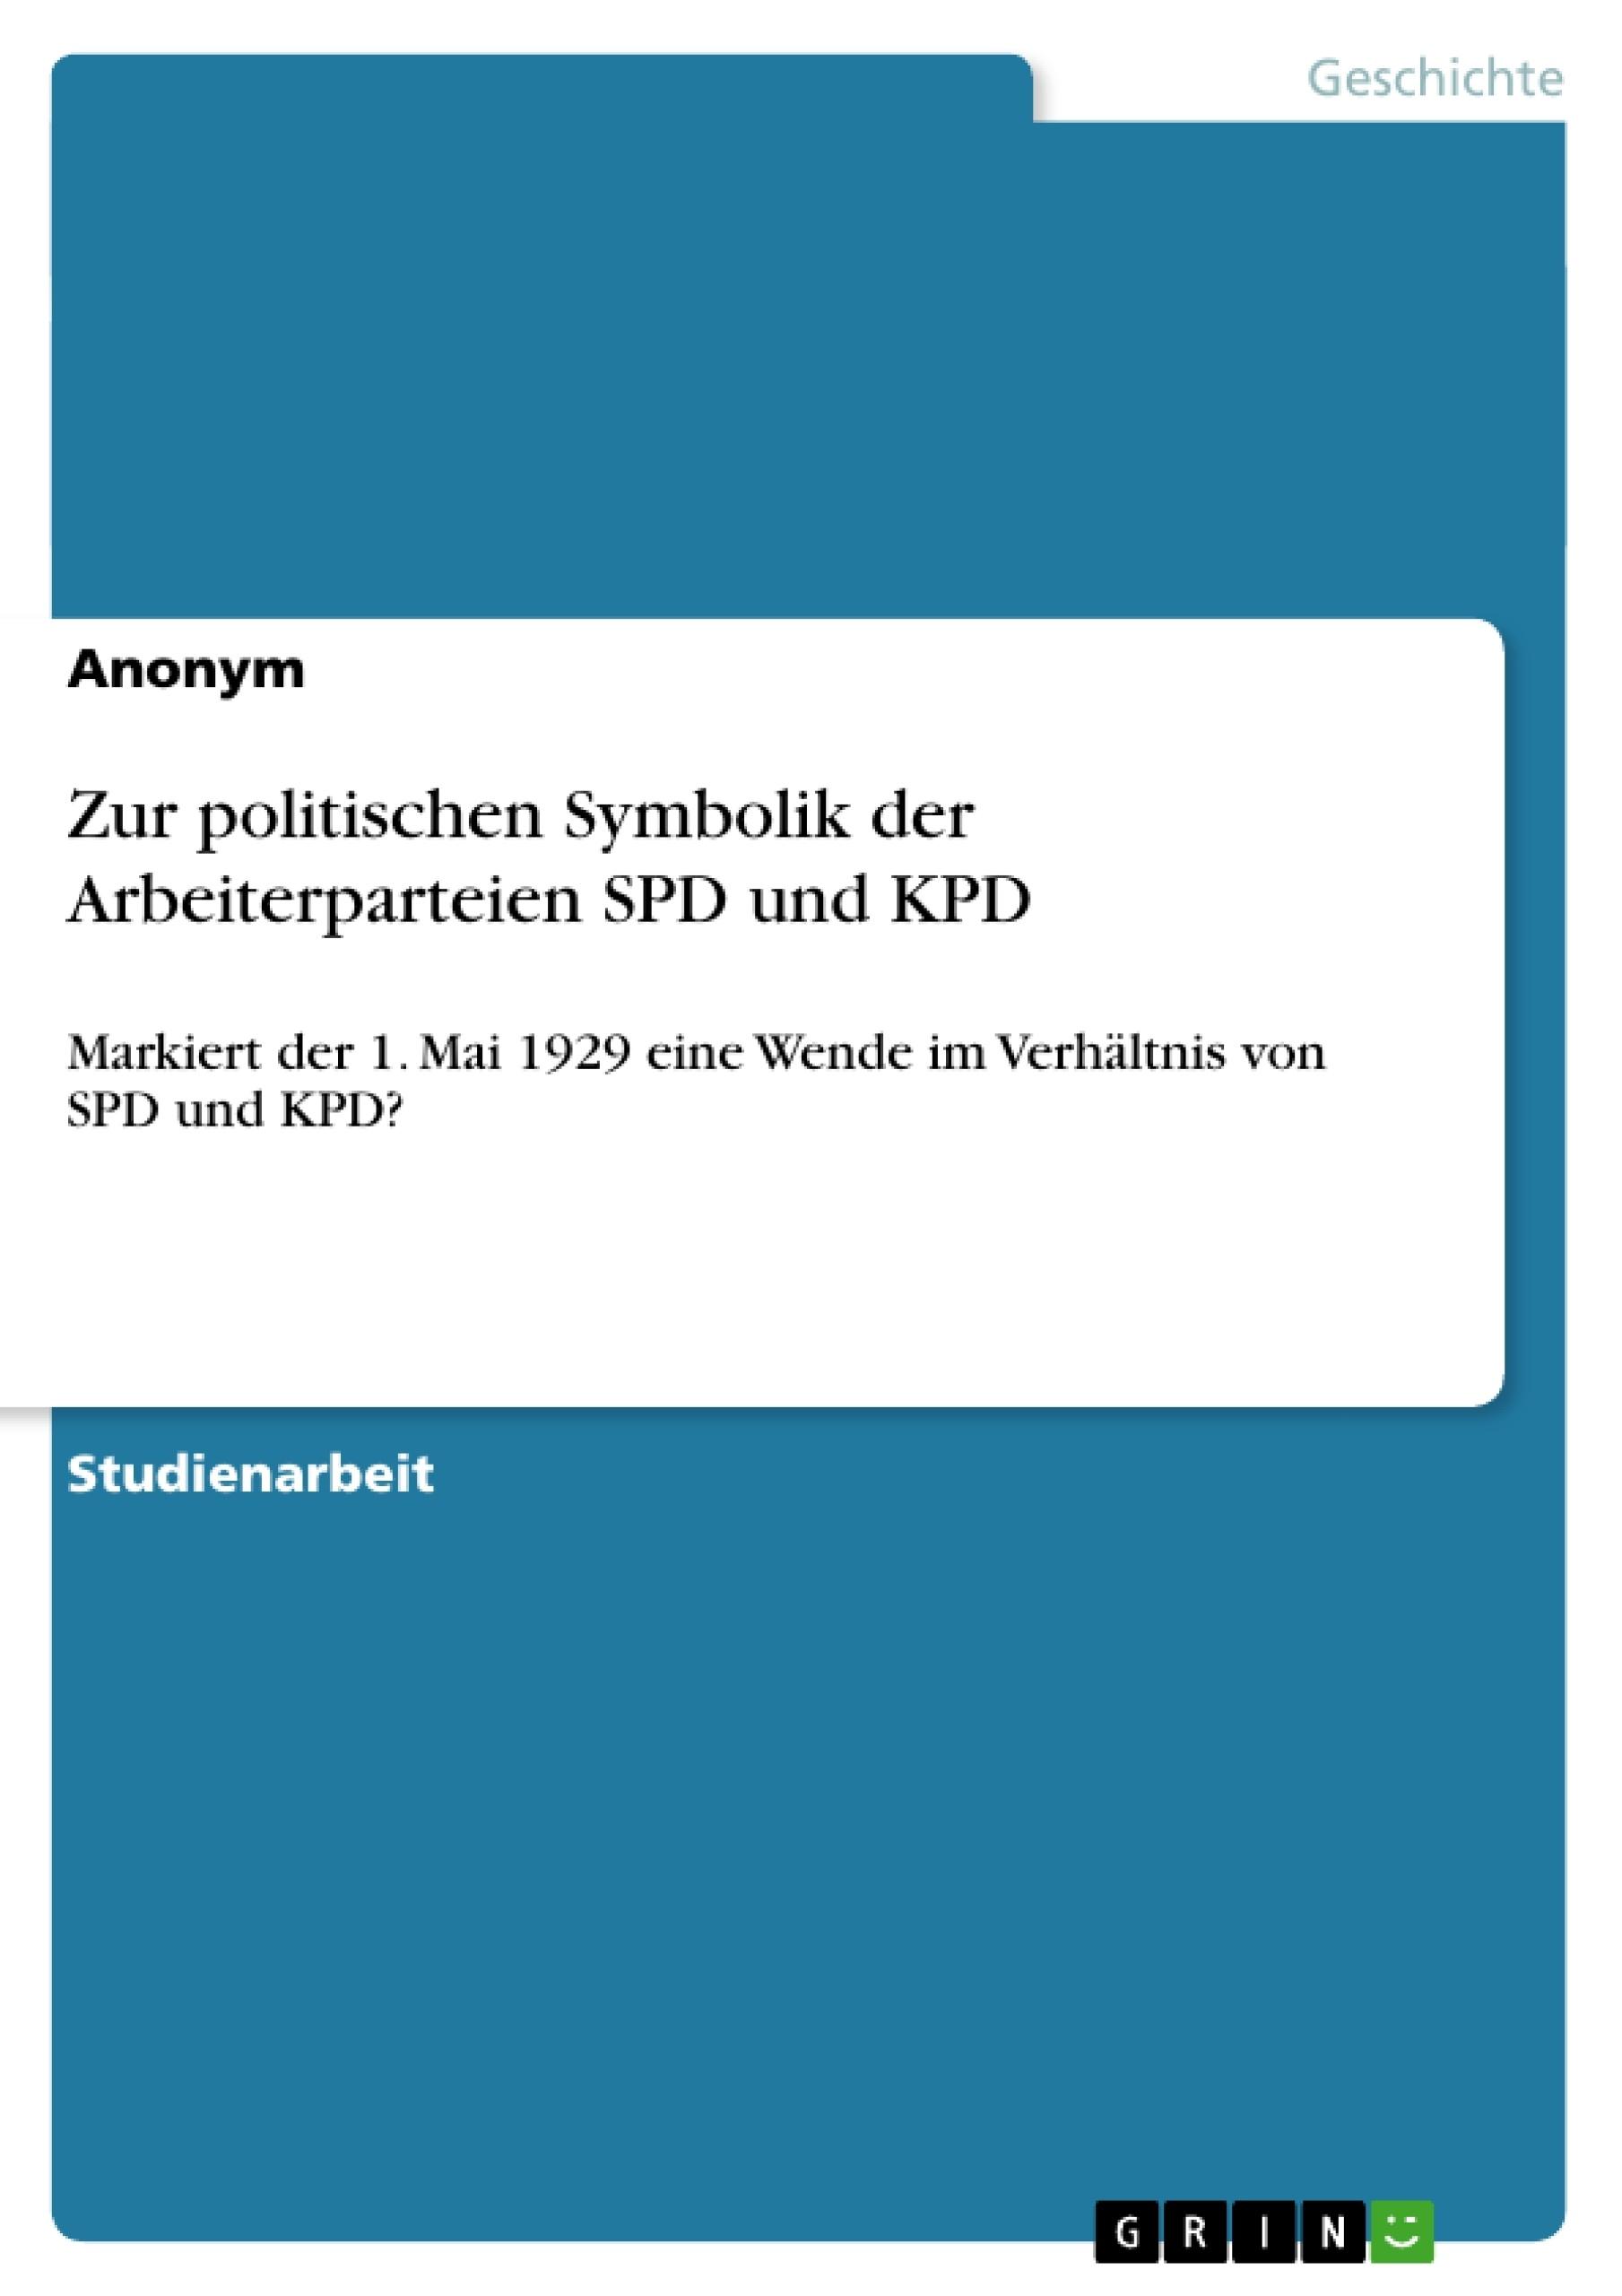 Titel: Zur politischen Symbolik der Arbeiterparteien SPD und KPD